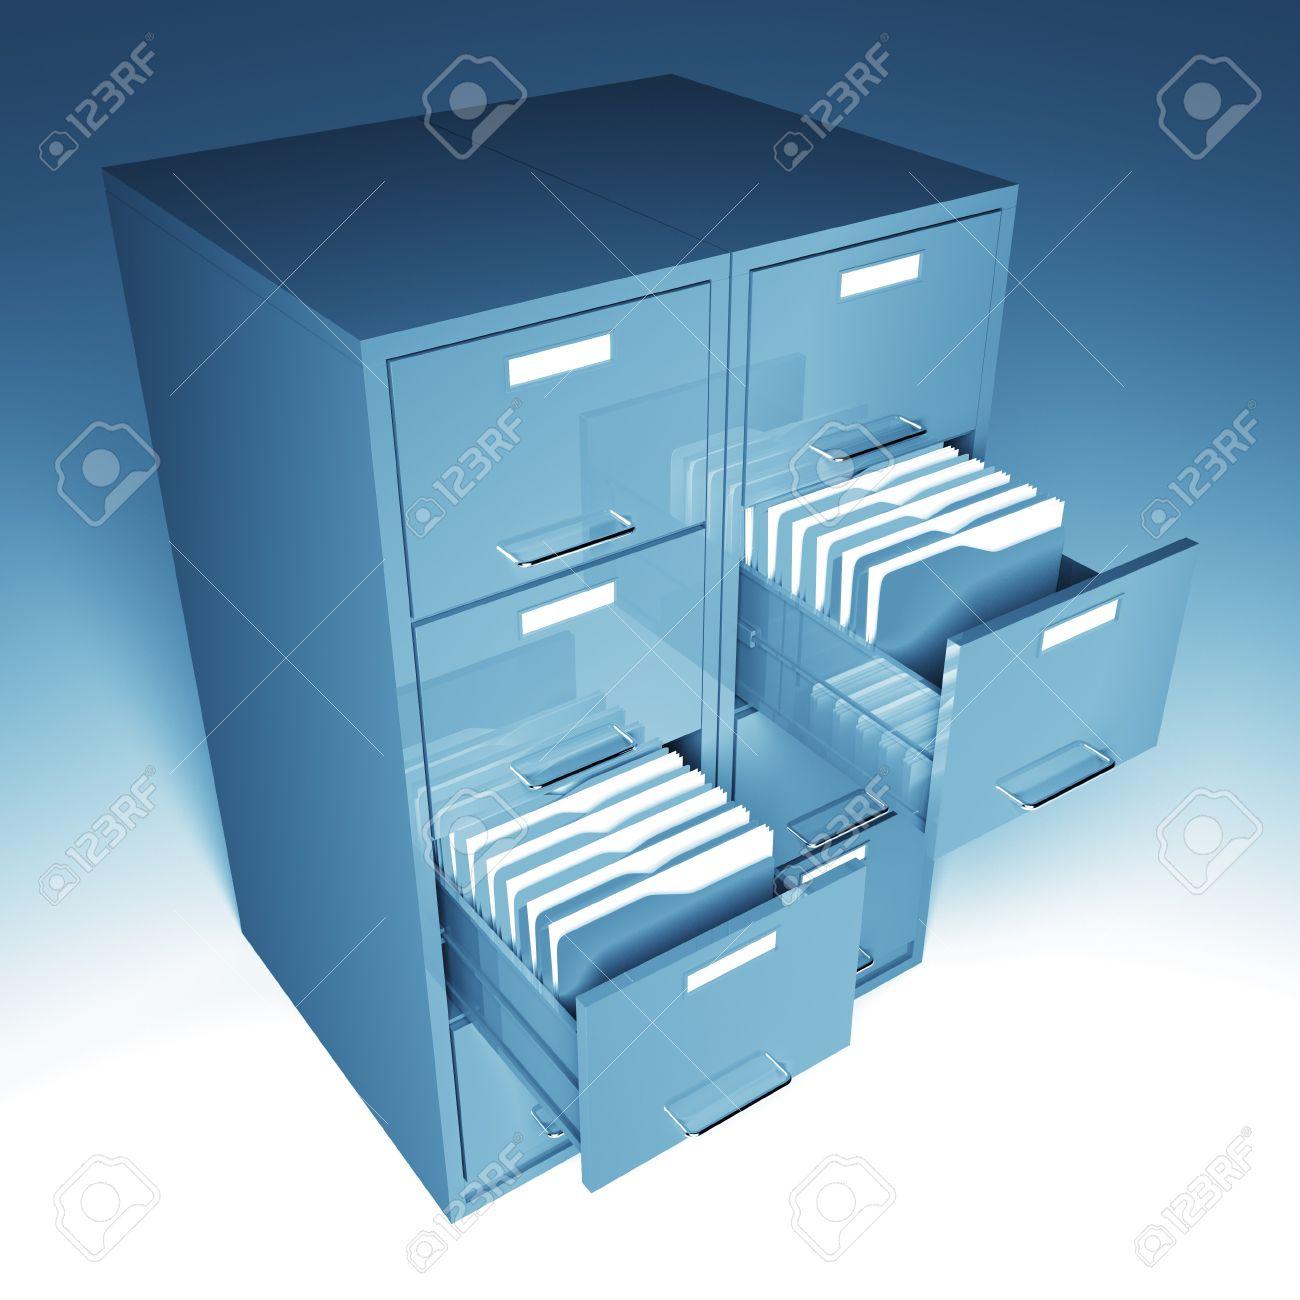 file and folder cabinet 3d business illustration Stock Illustration - 7168369